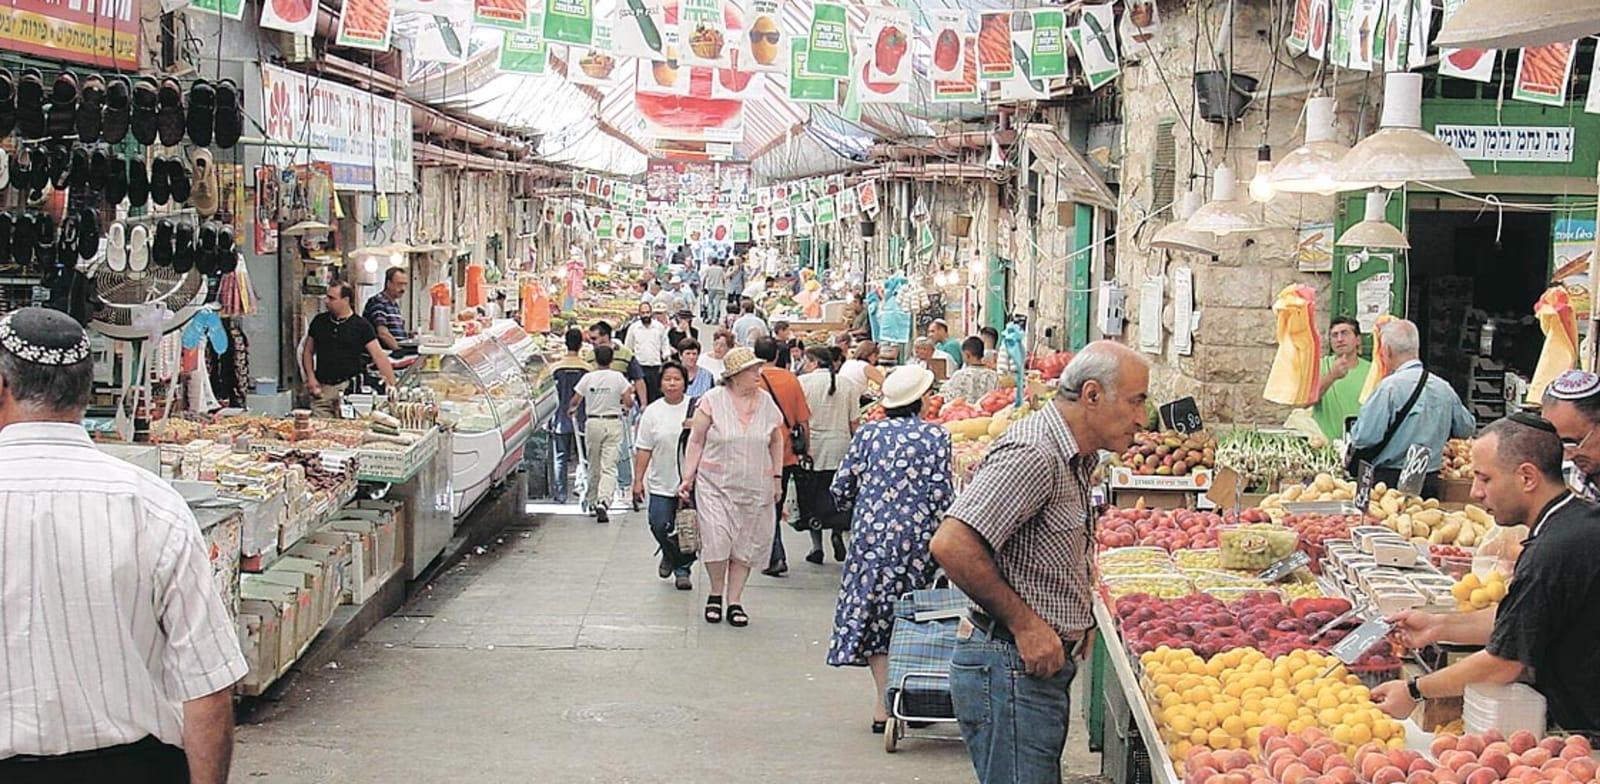 דוכני פירות וירקות בשוק מחנה יהודה / צילום: צ'מנסקי-בן-שחר יועצים